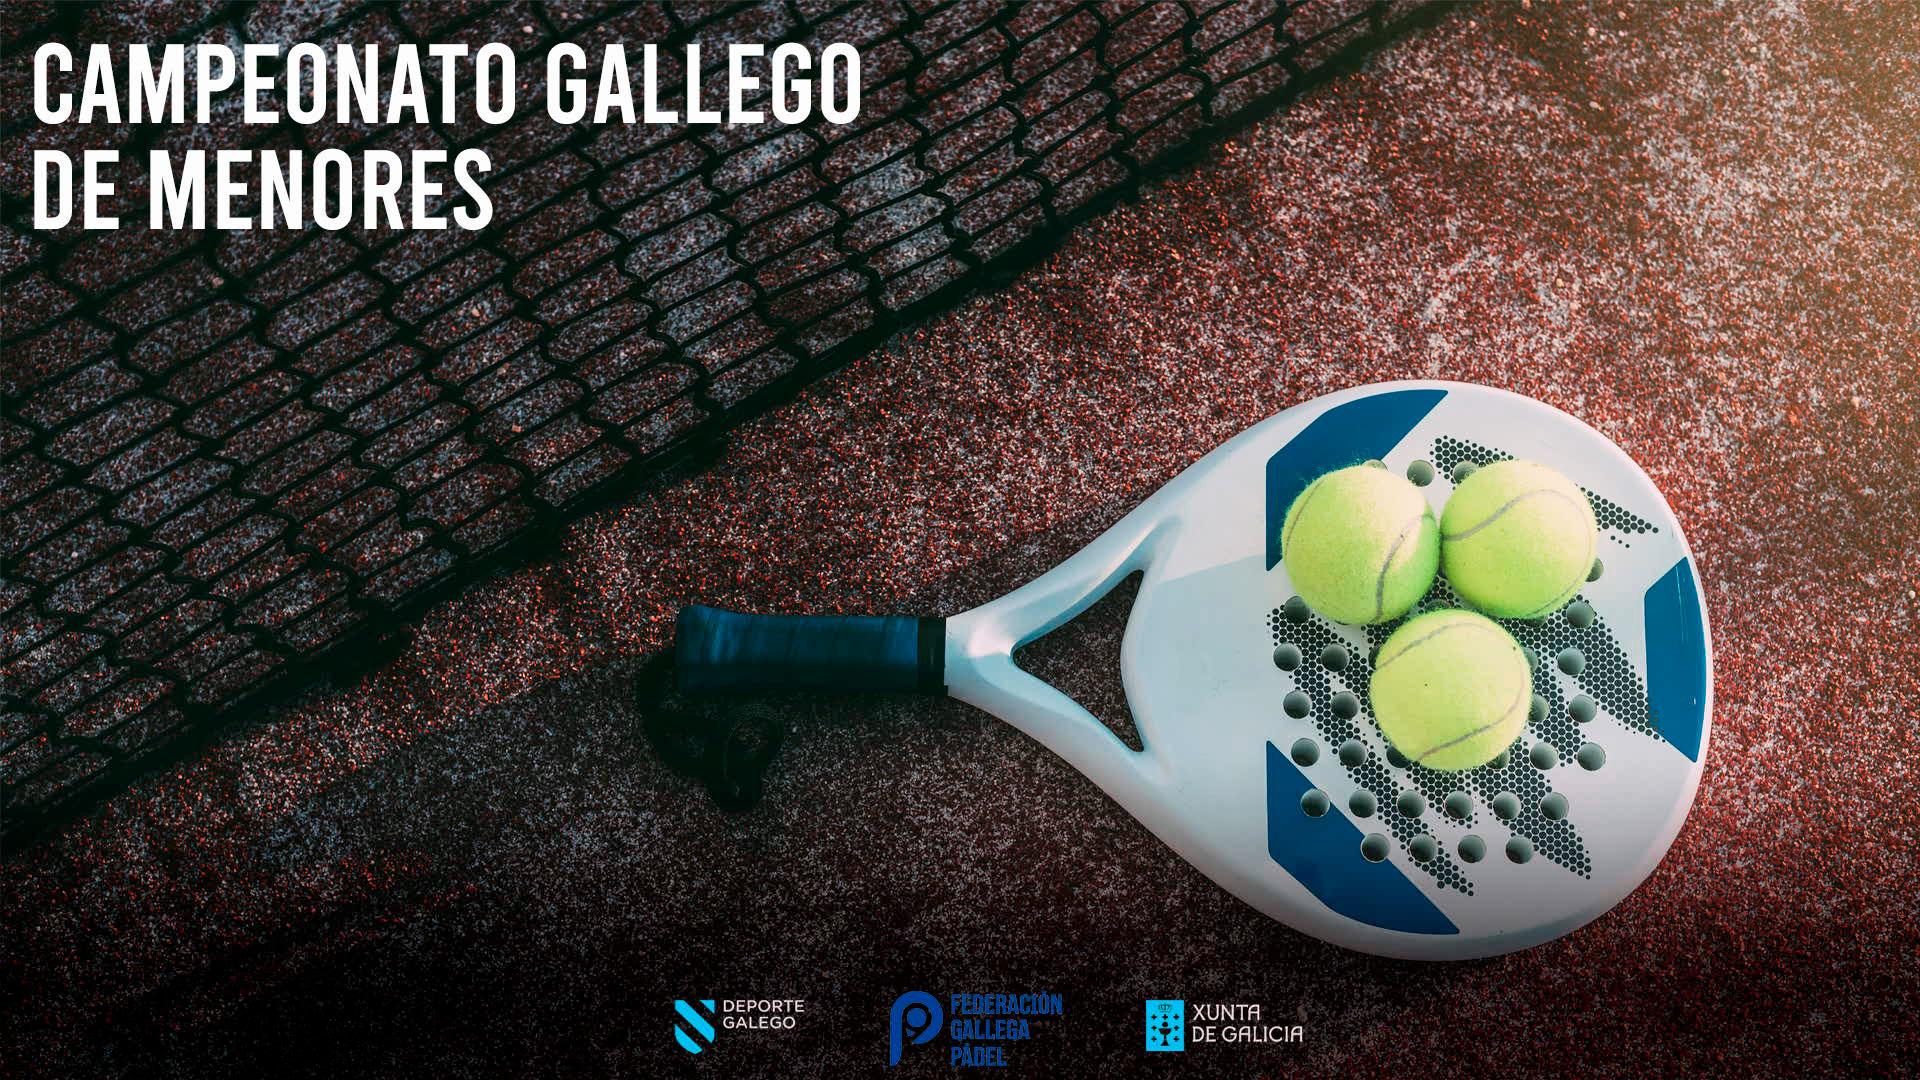 Campeonato Gallego de Menores 2021